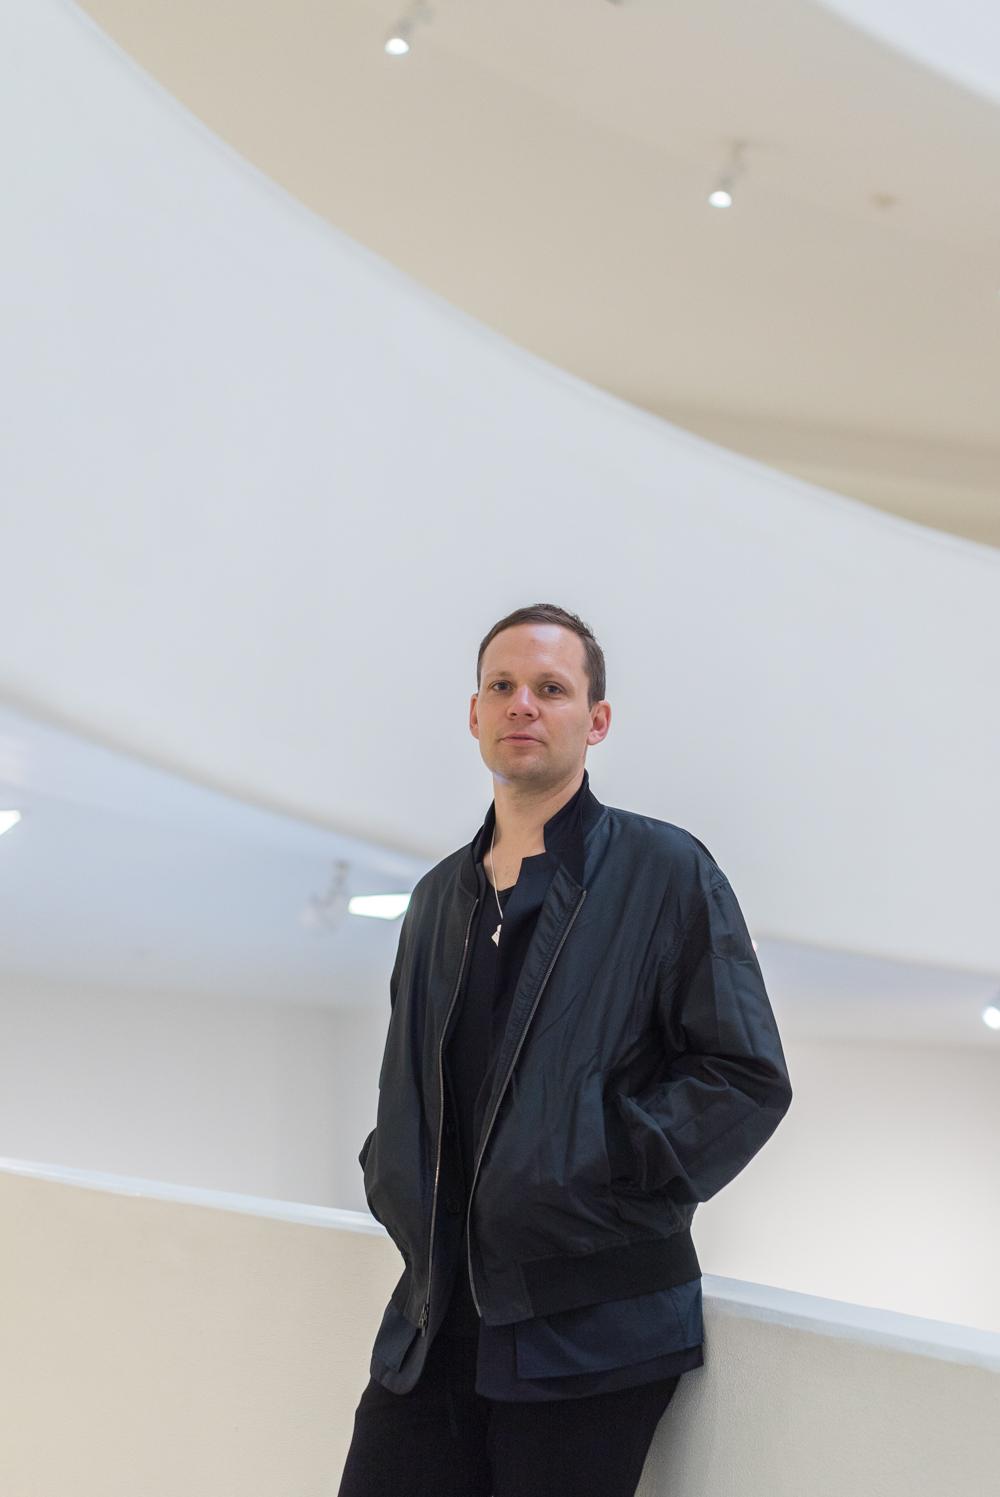 Teemu Suviala will start as Creative Director at Facebook in July. Photo Liisa Jokinen